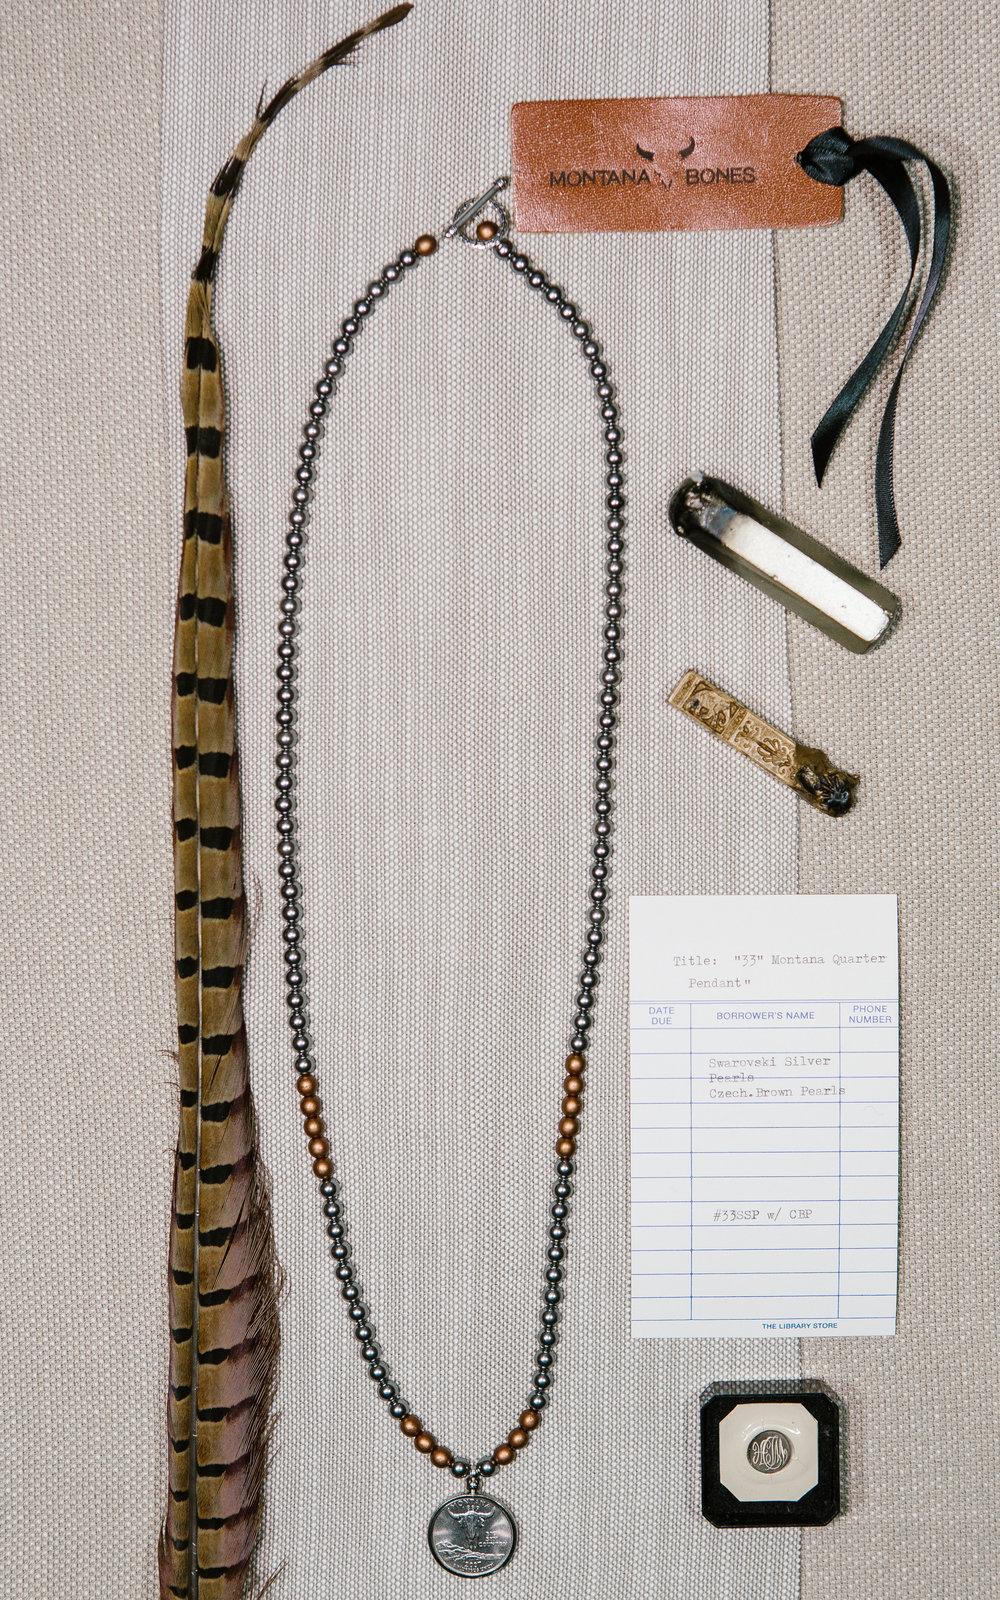 Montana Bones 33 Montana Quarter Pendant (1 of 4).jpg